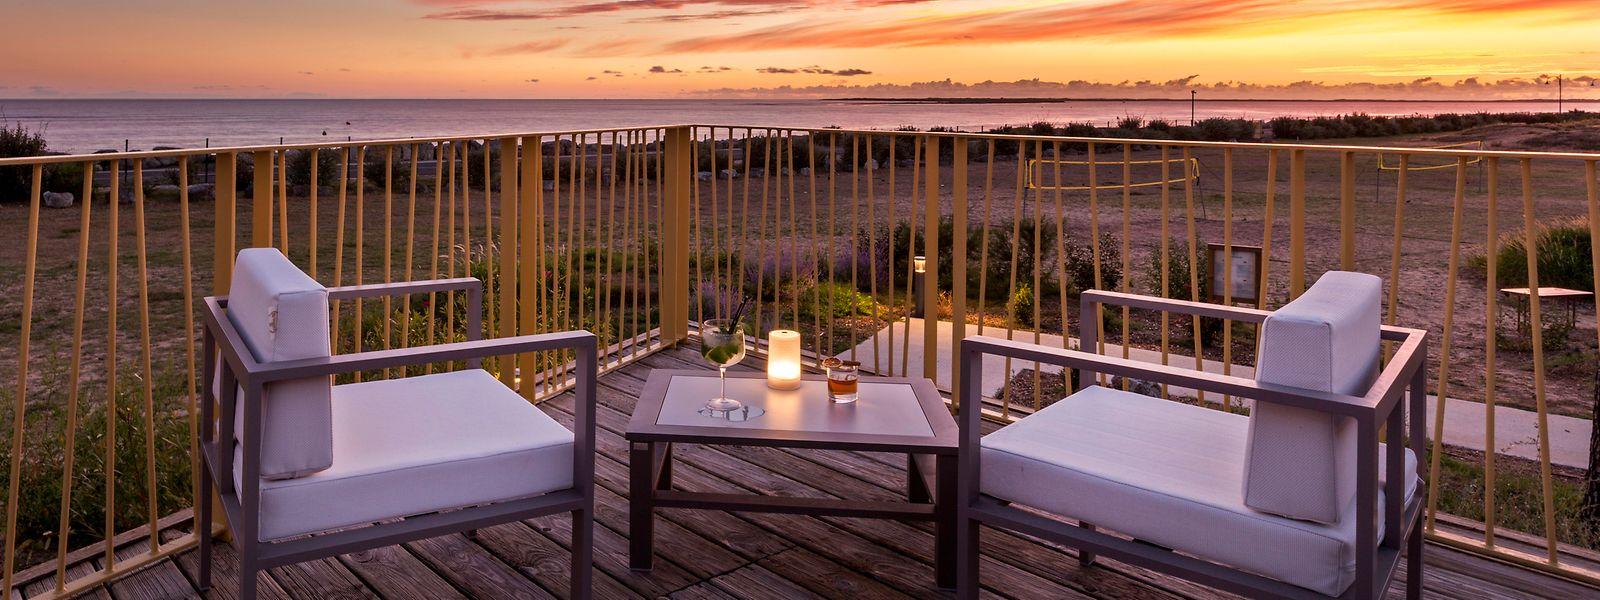 Der romantische Sonnenuntergang darf nicht fehlen: Blick von der Restaurantterrasse auf das Meer bei Les Mathes.